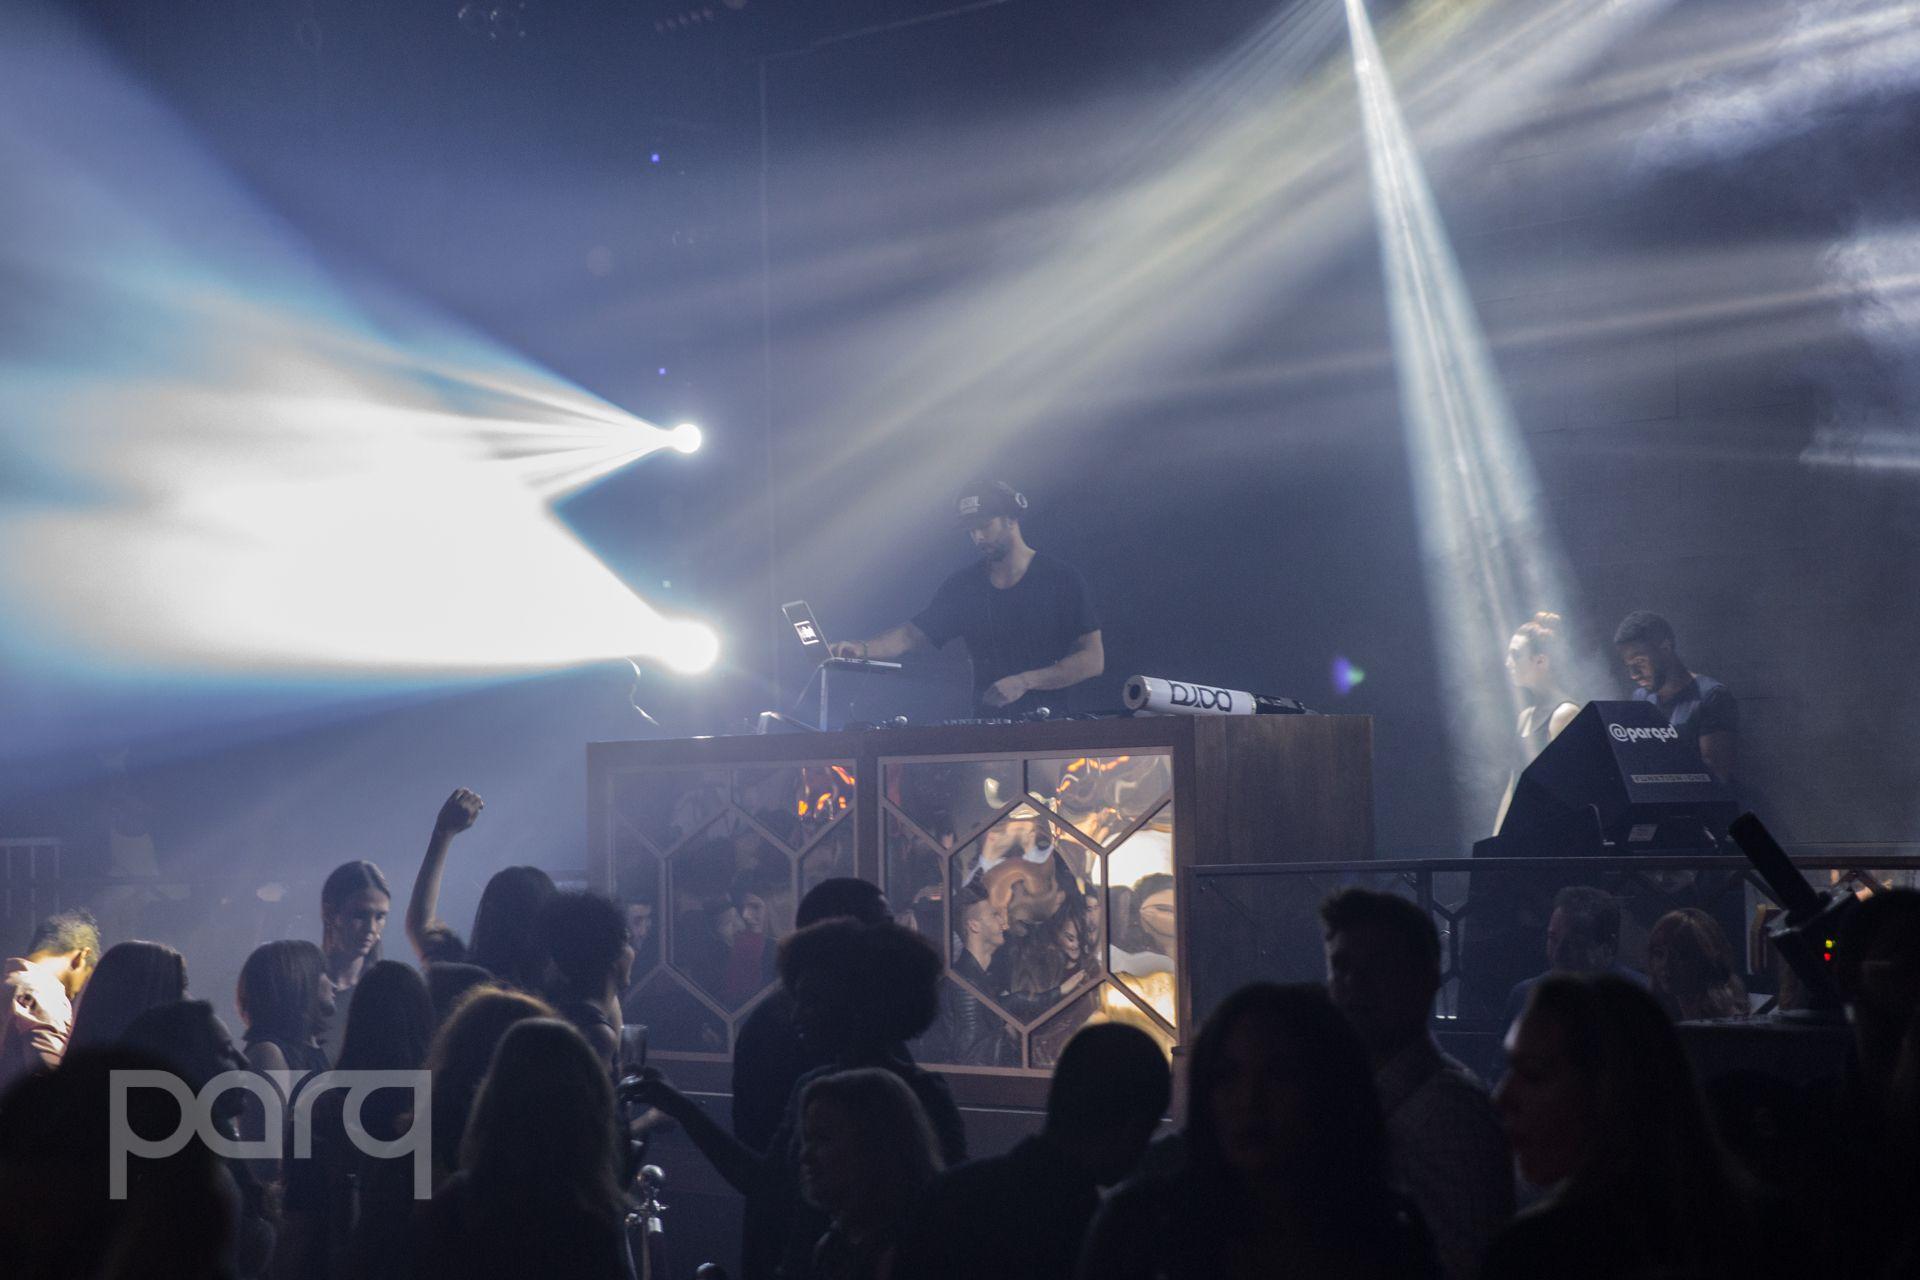 San-Diego-Nightclub-DJ Obscene-14.jpg